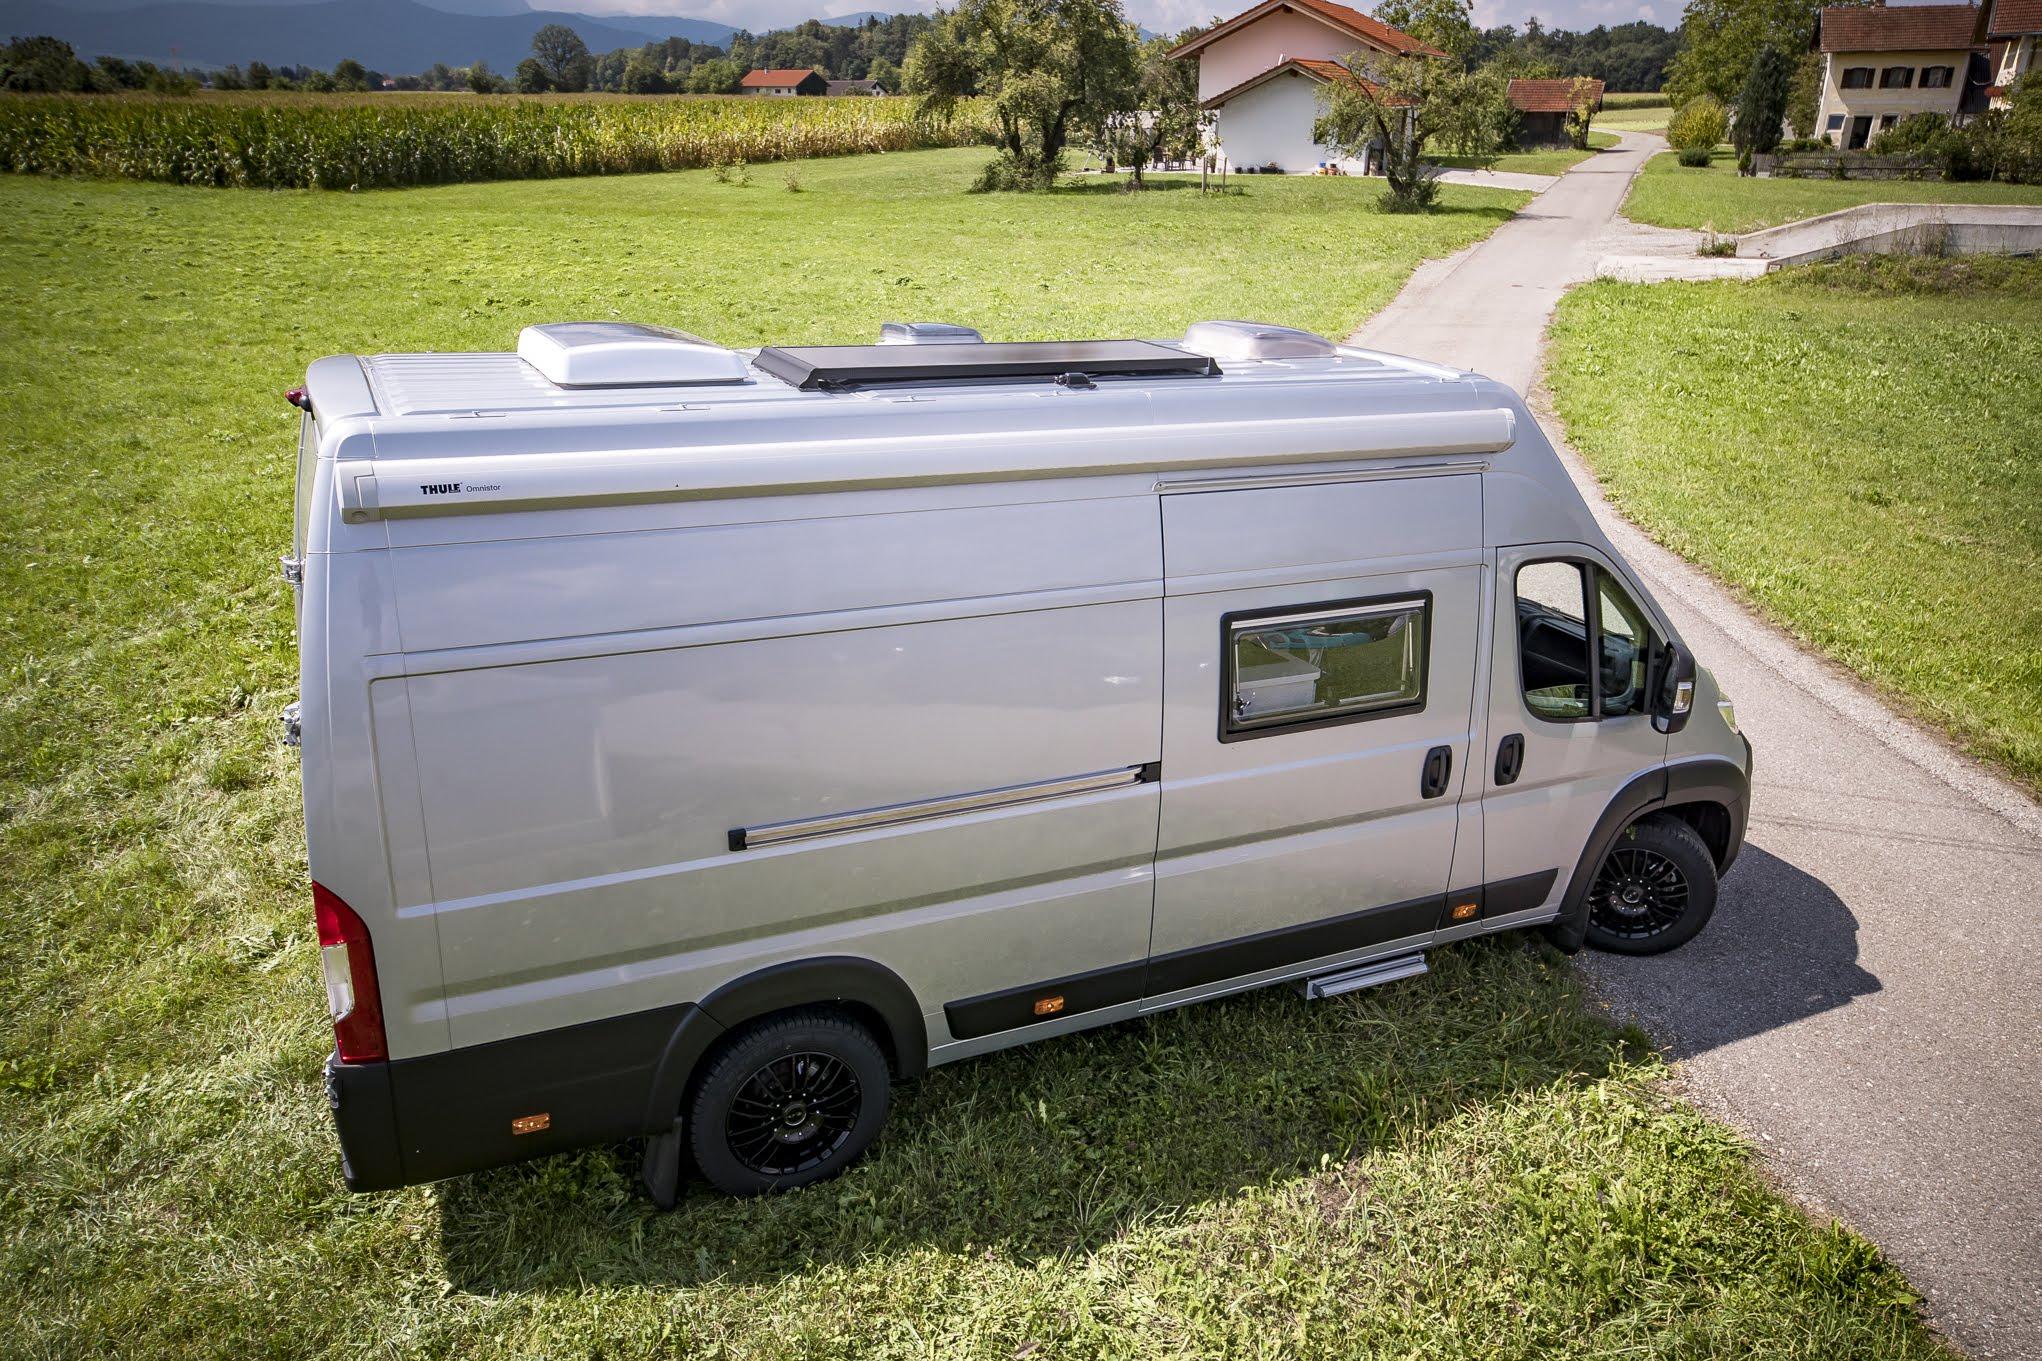 kastenwagen markise thule fiamma omnistor solar wattstunden sonne de vw grand XL california